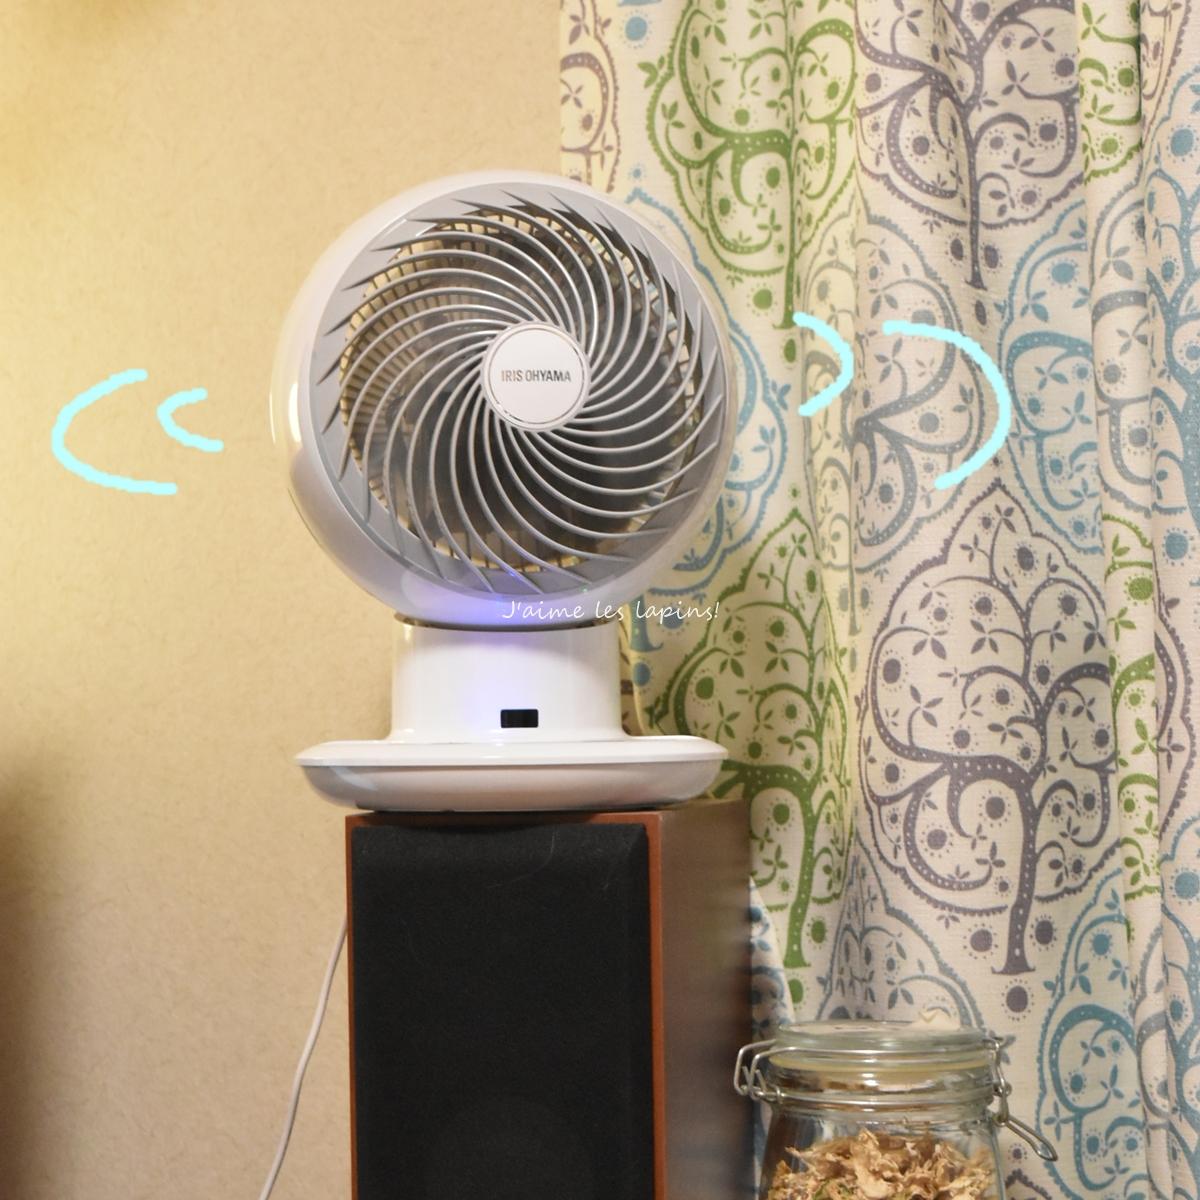 アイリスオーヤマの扇風機